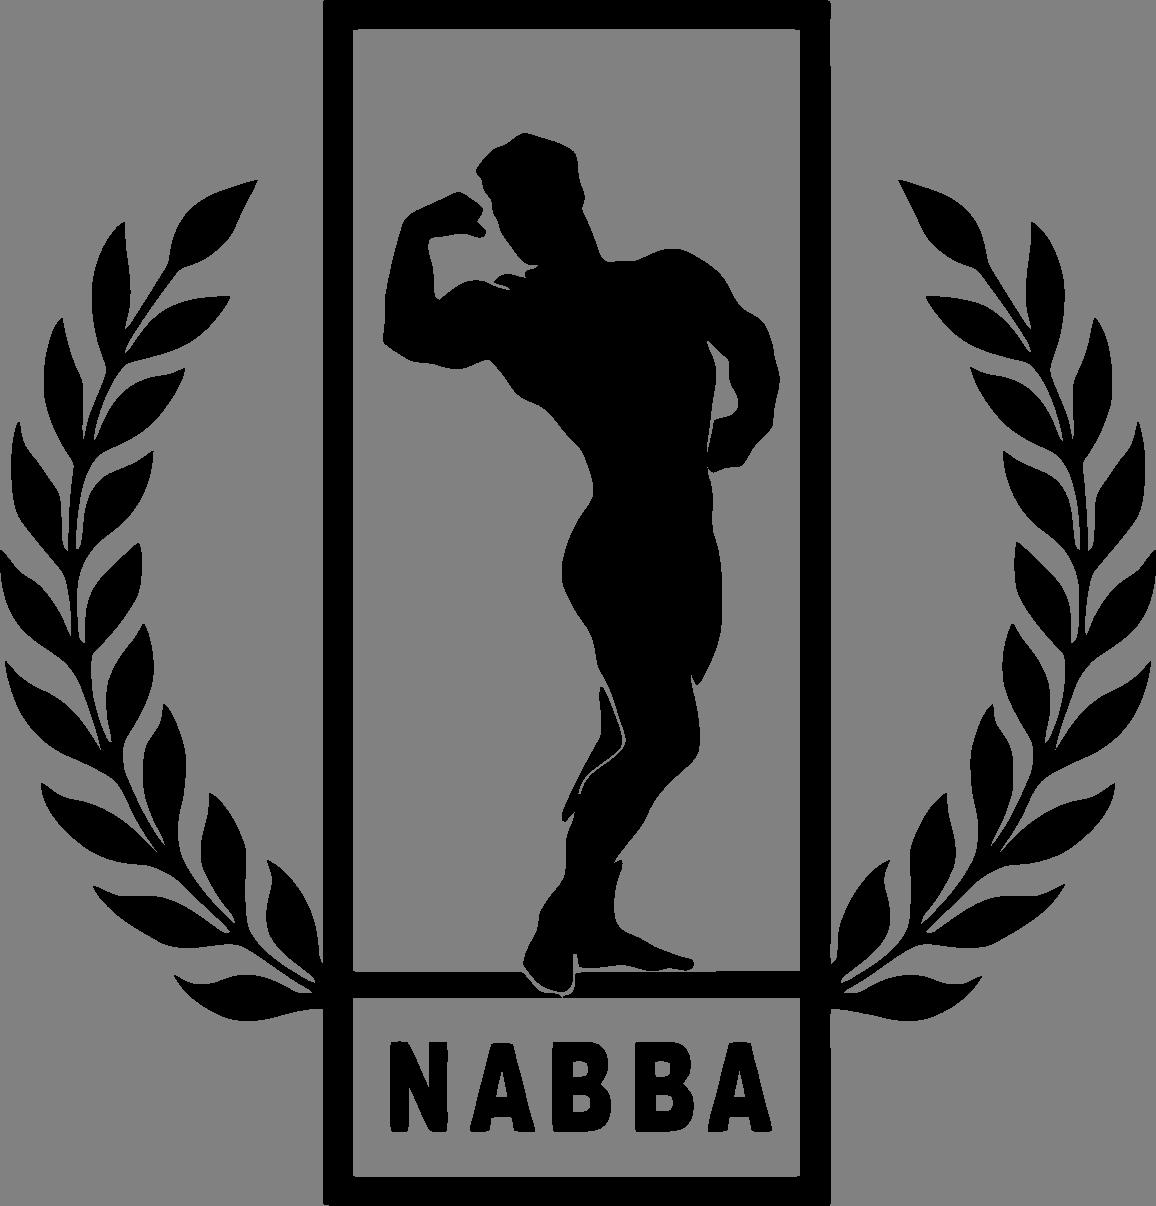 NABBA Ireland